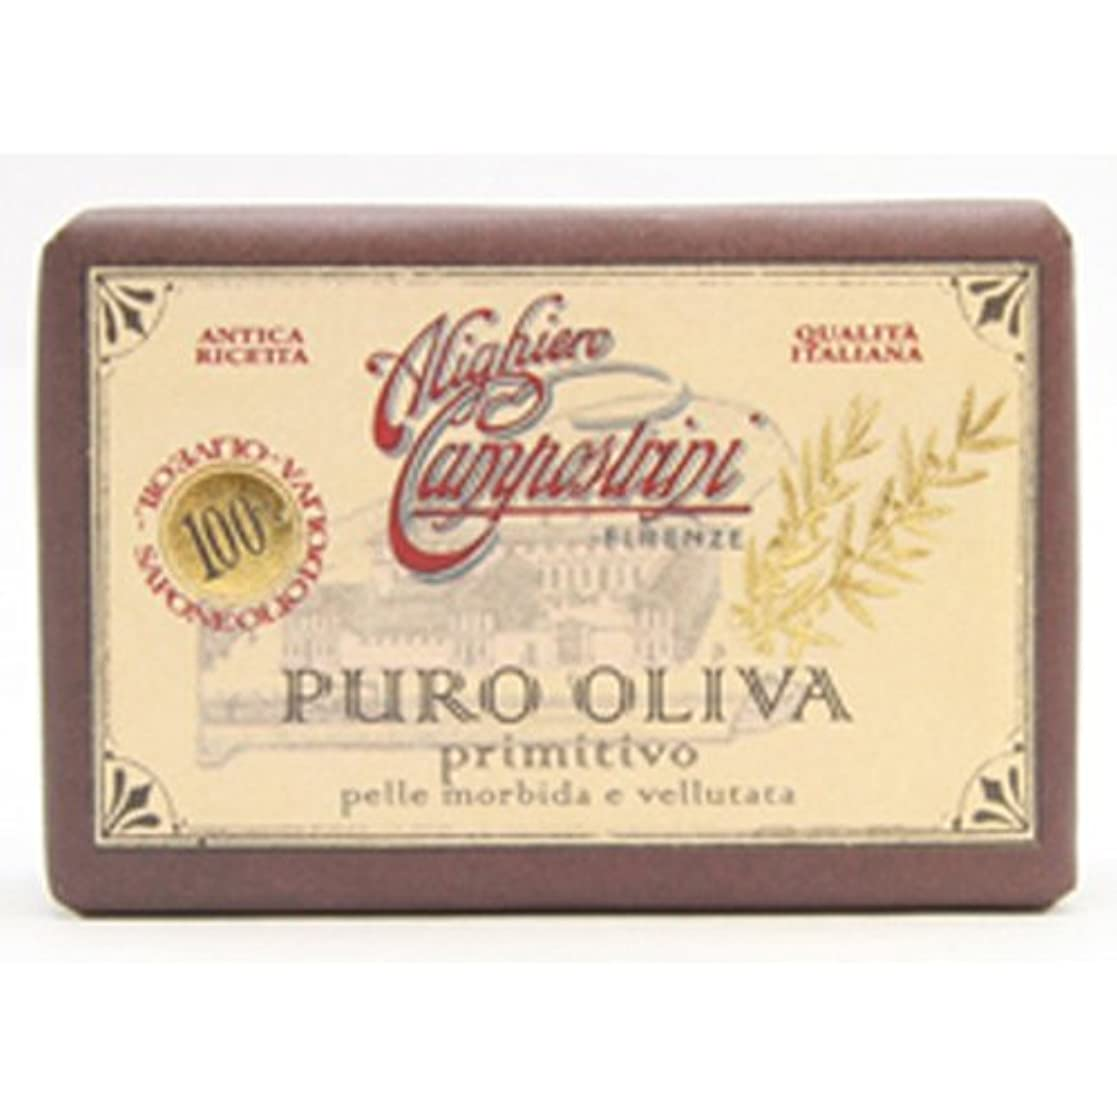 ヨーロッパレシピ倒錯Saponerire Fissi サポネリーフィッシー PURO OLIVA Soap オリーブオイル ピュロ ソープ primitivo オリジナル 150g